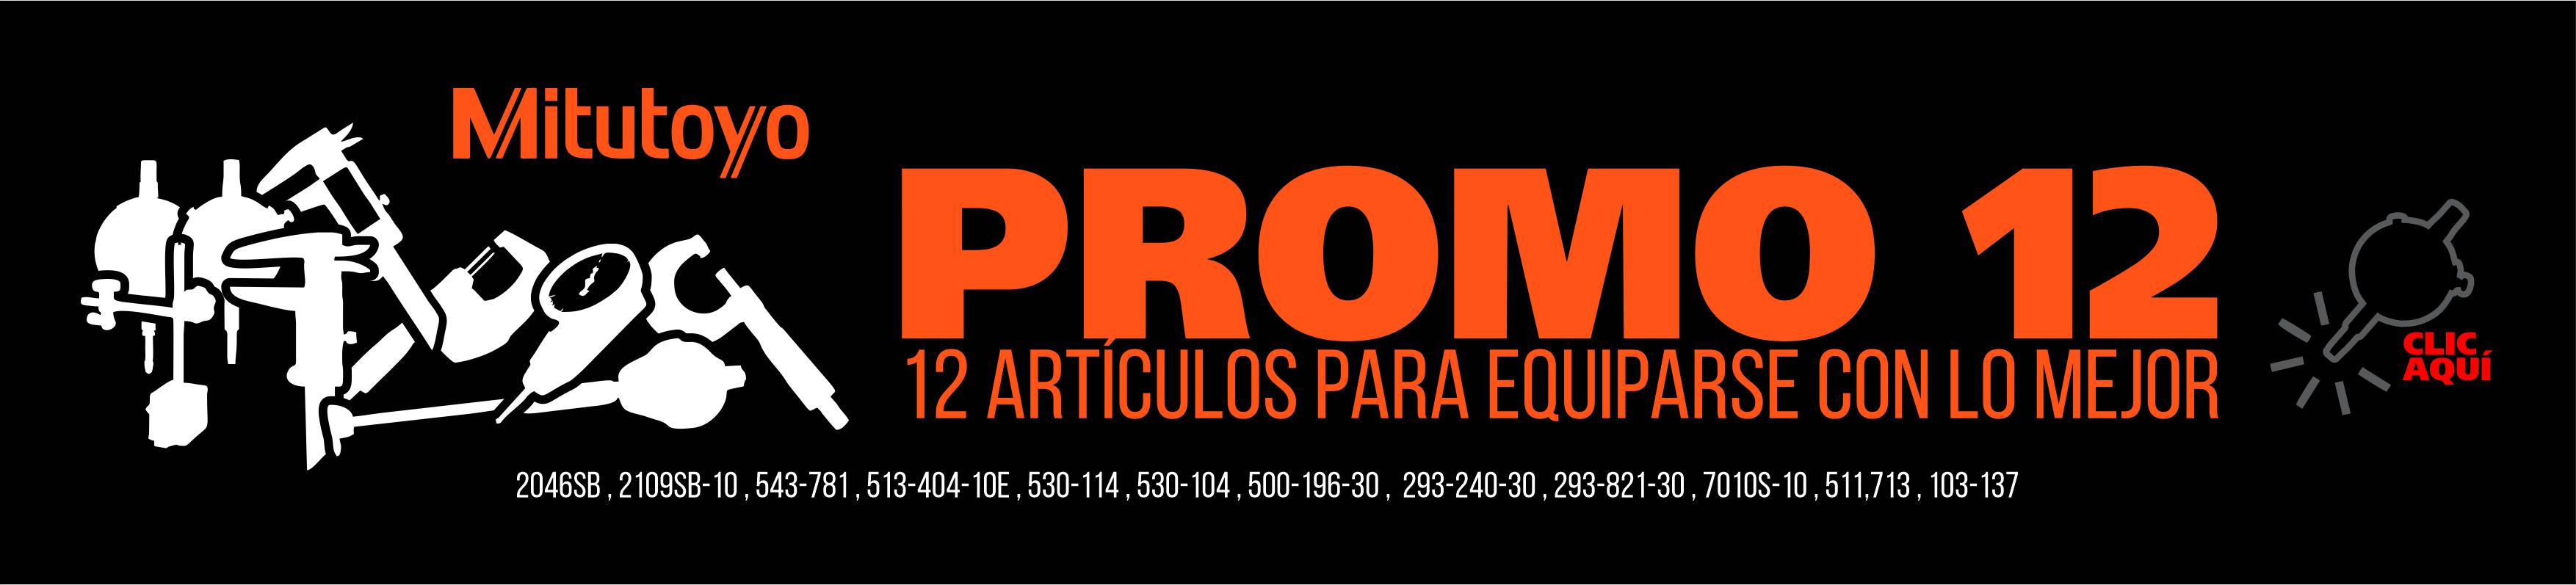 PROMO12